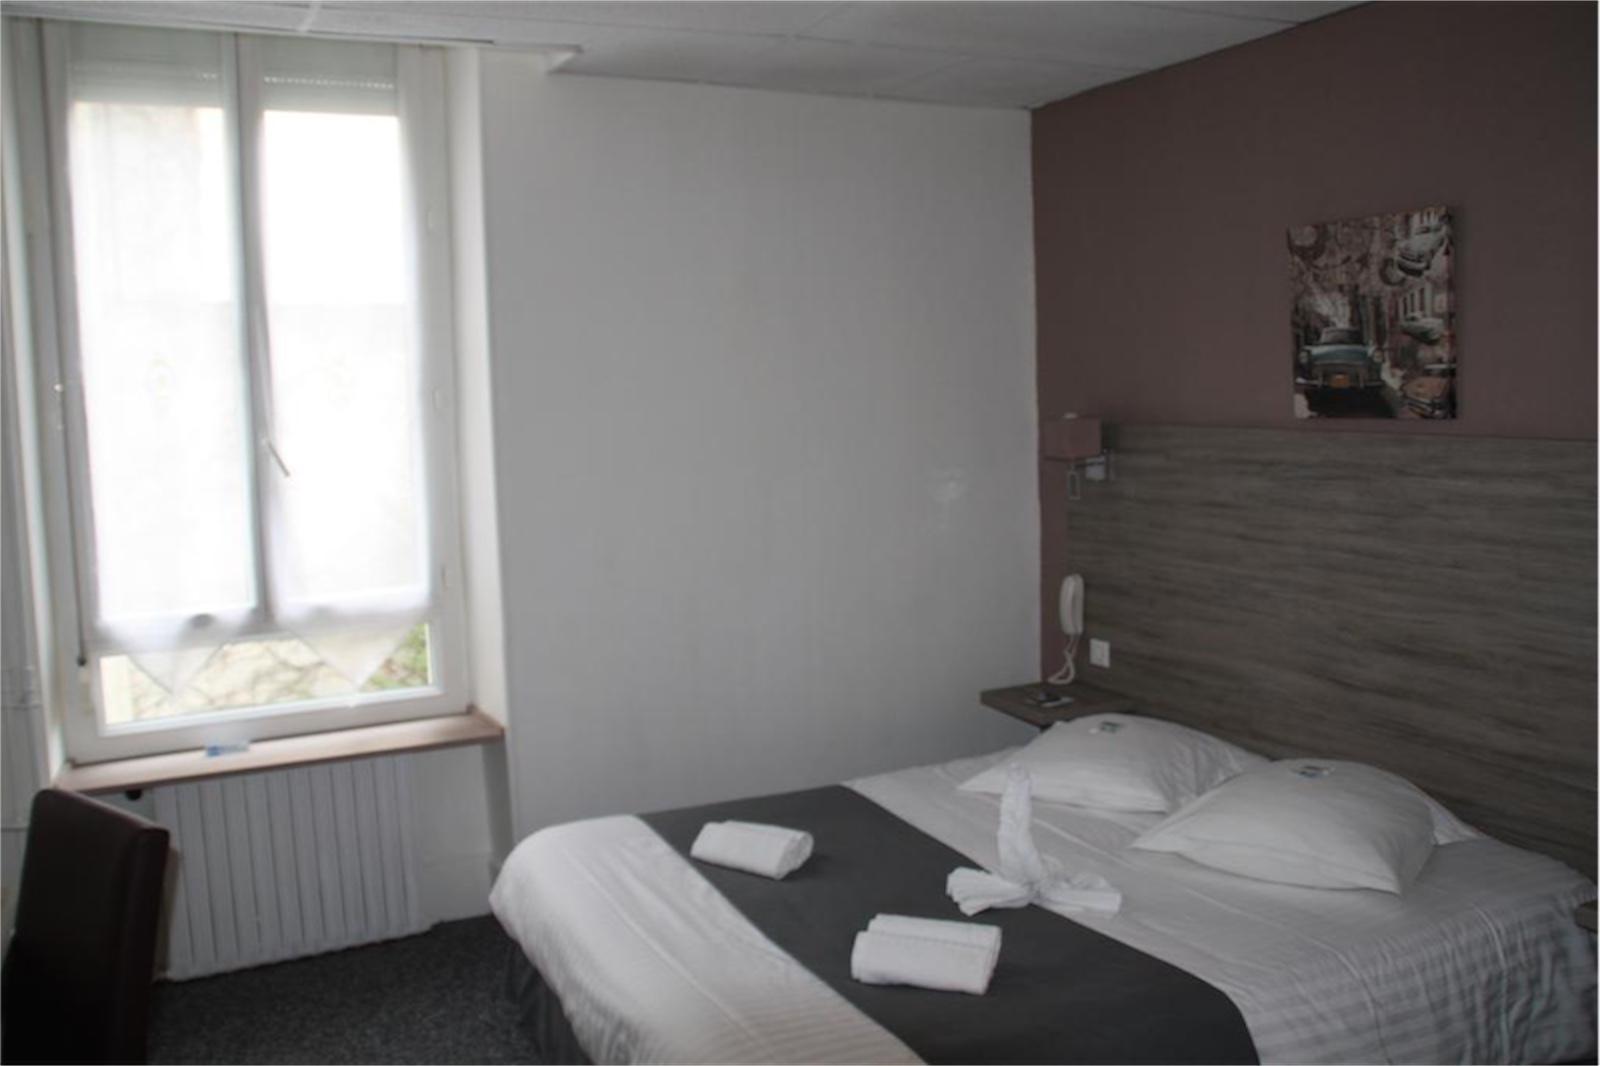 Hôtel de Biarritz #2